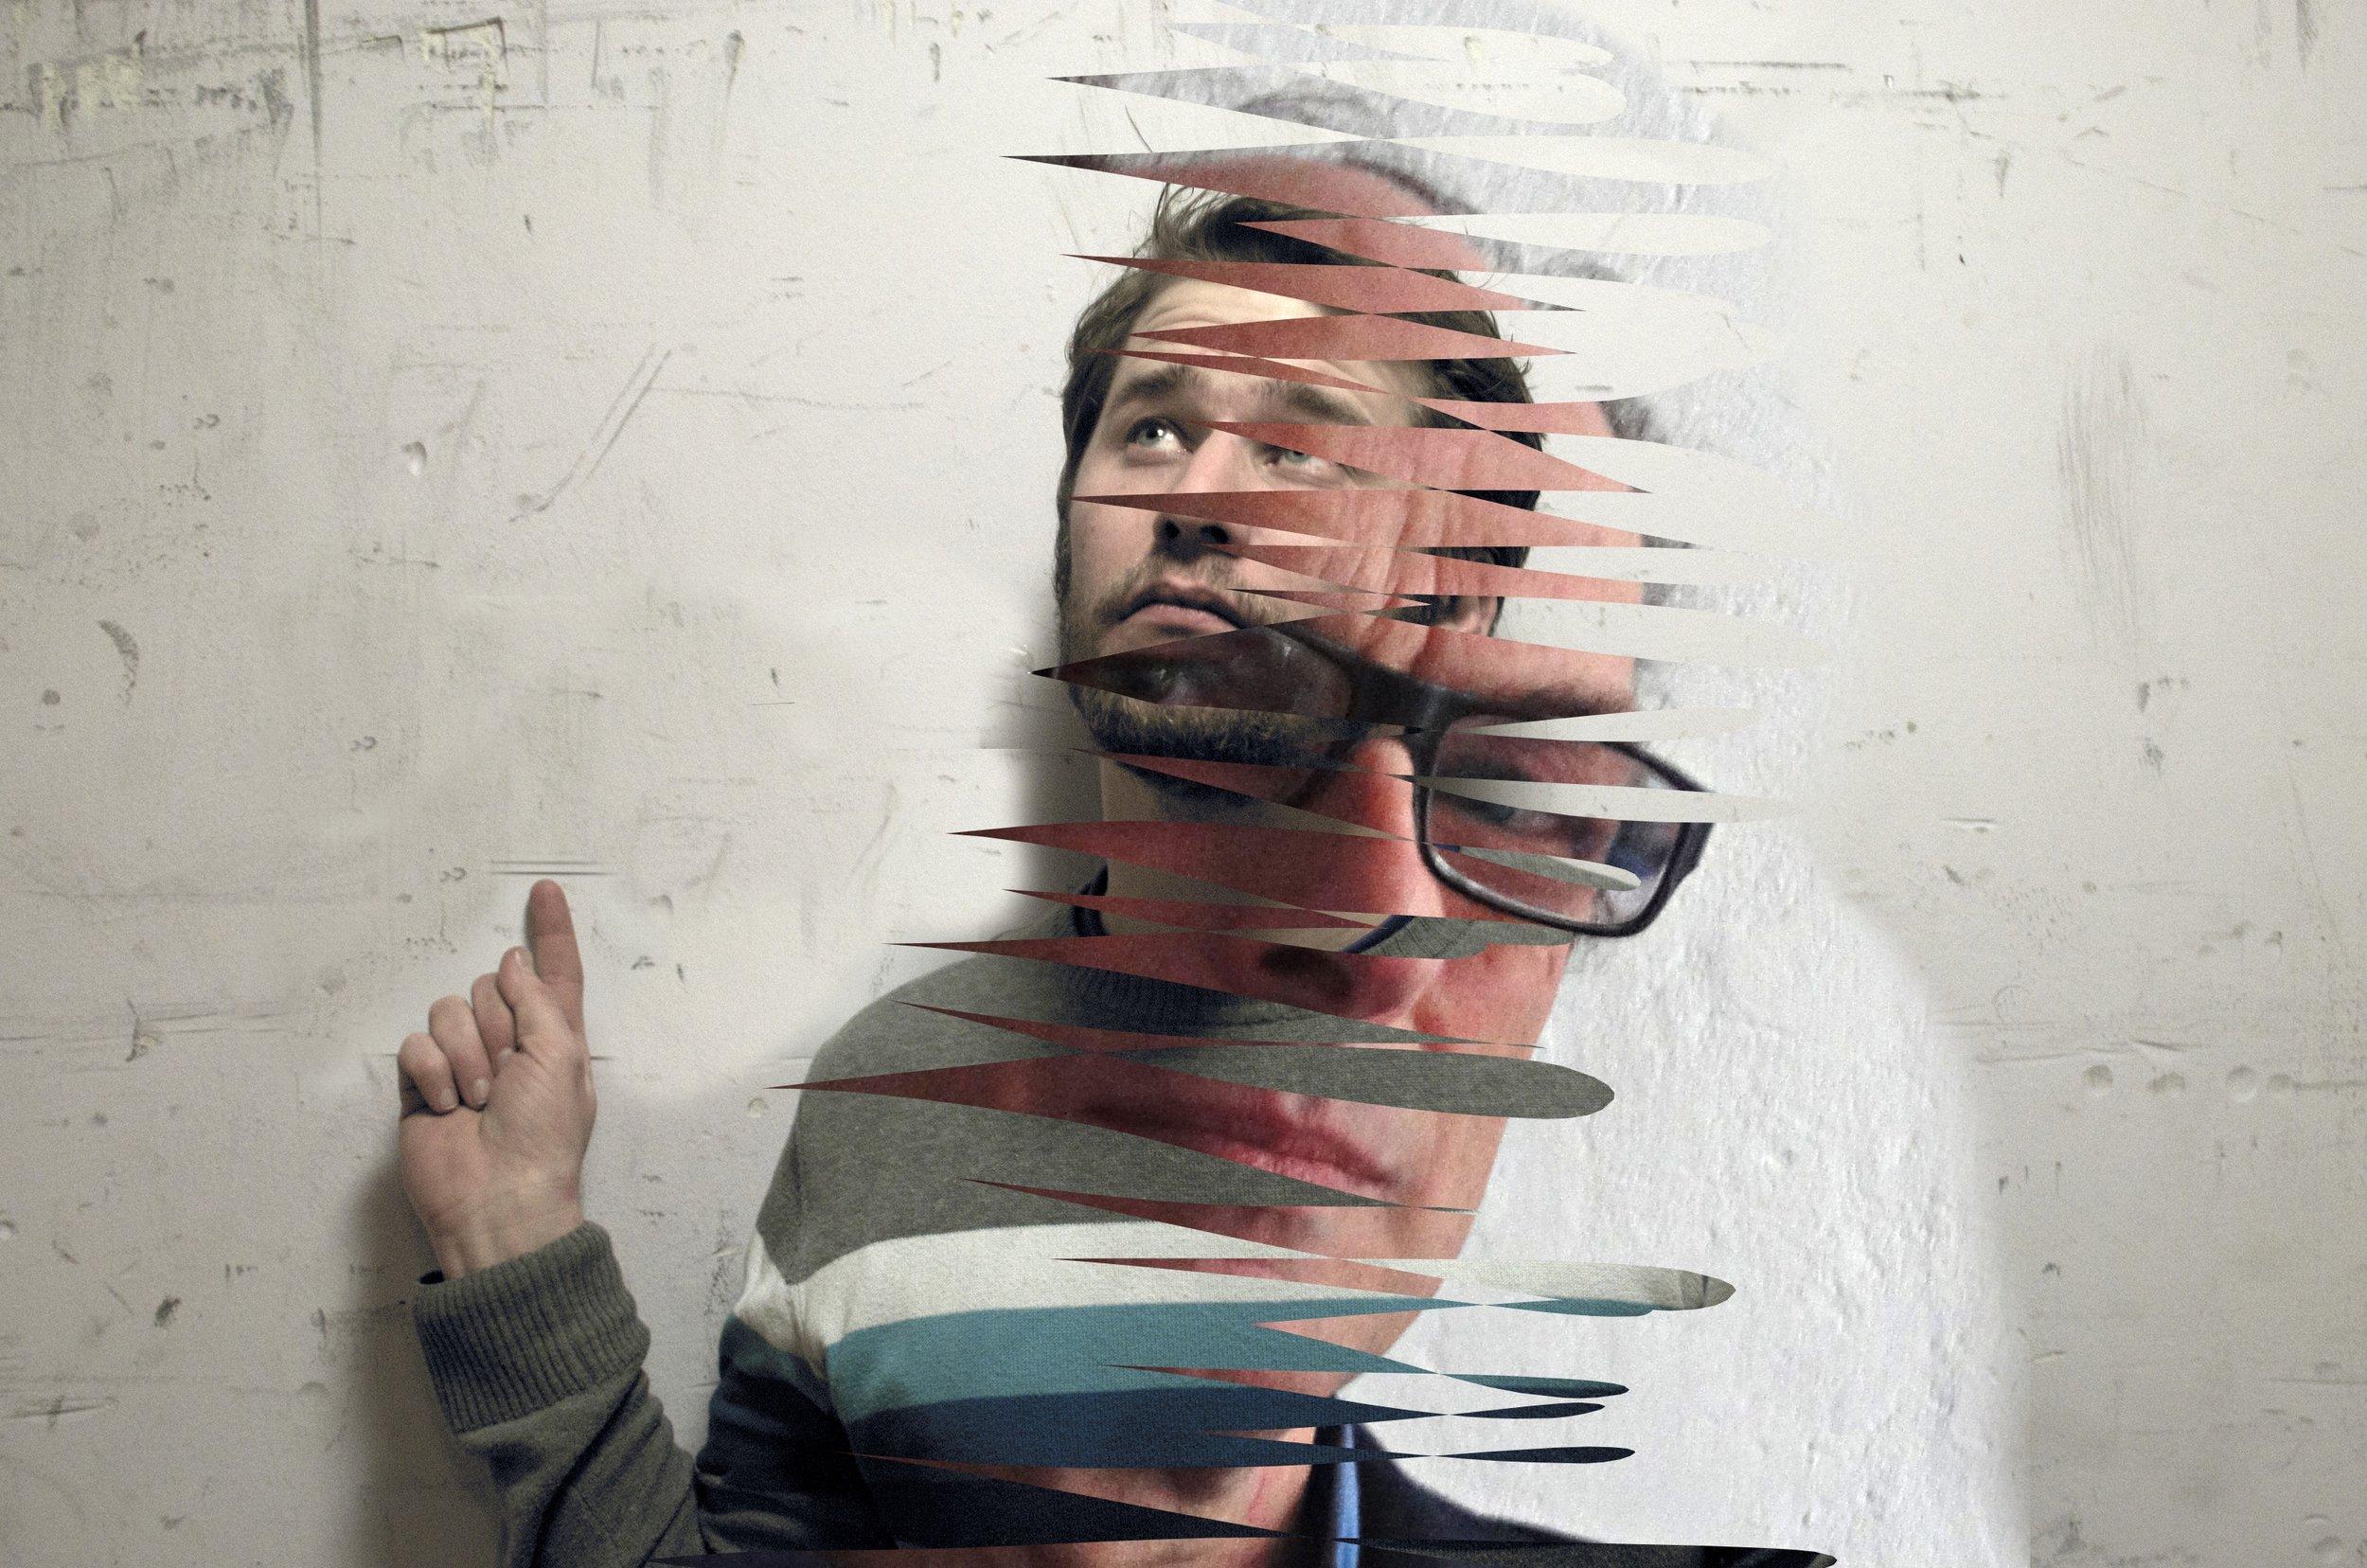 Entrenous: Dennis Gaens -Toni van Tiel - Gerard Koek - Karin van Pinxteren   Een artistieke blind date tussen 4 kunstenaars dus. Dennis Gaens, stadsdichter en Gerard Koek, maker van het kunstwerk 'To B' op de Castellatoren in de wijk Bottendaal. Dennis Gaens nodigde als gast de kunstenaar Toni van Tiel uit. Gerard Koek koos voor Karin van Pinxteren.